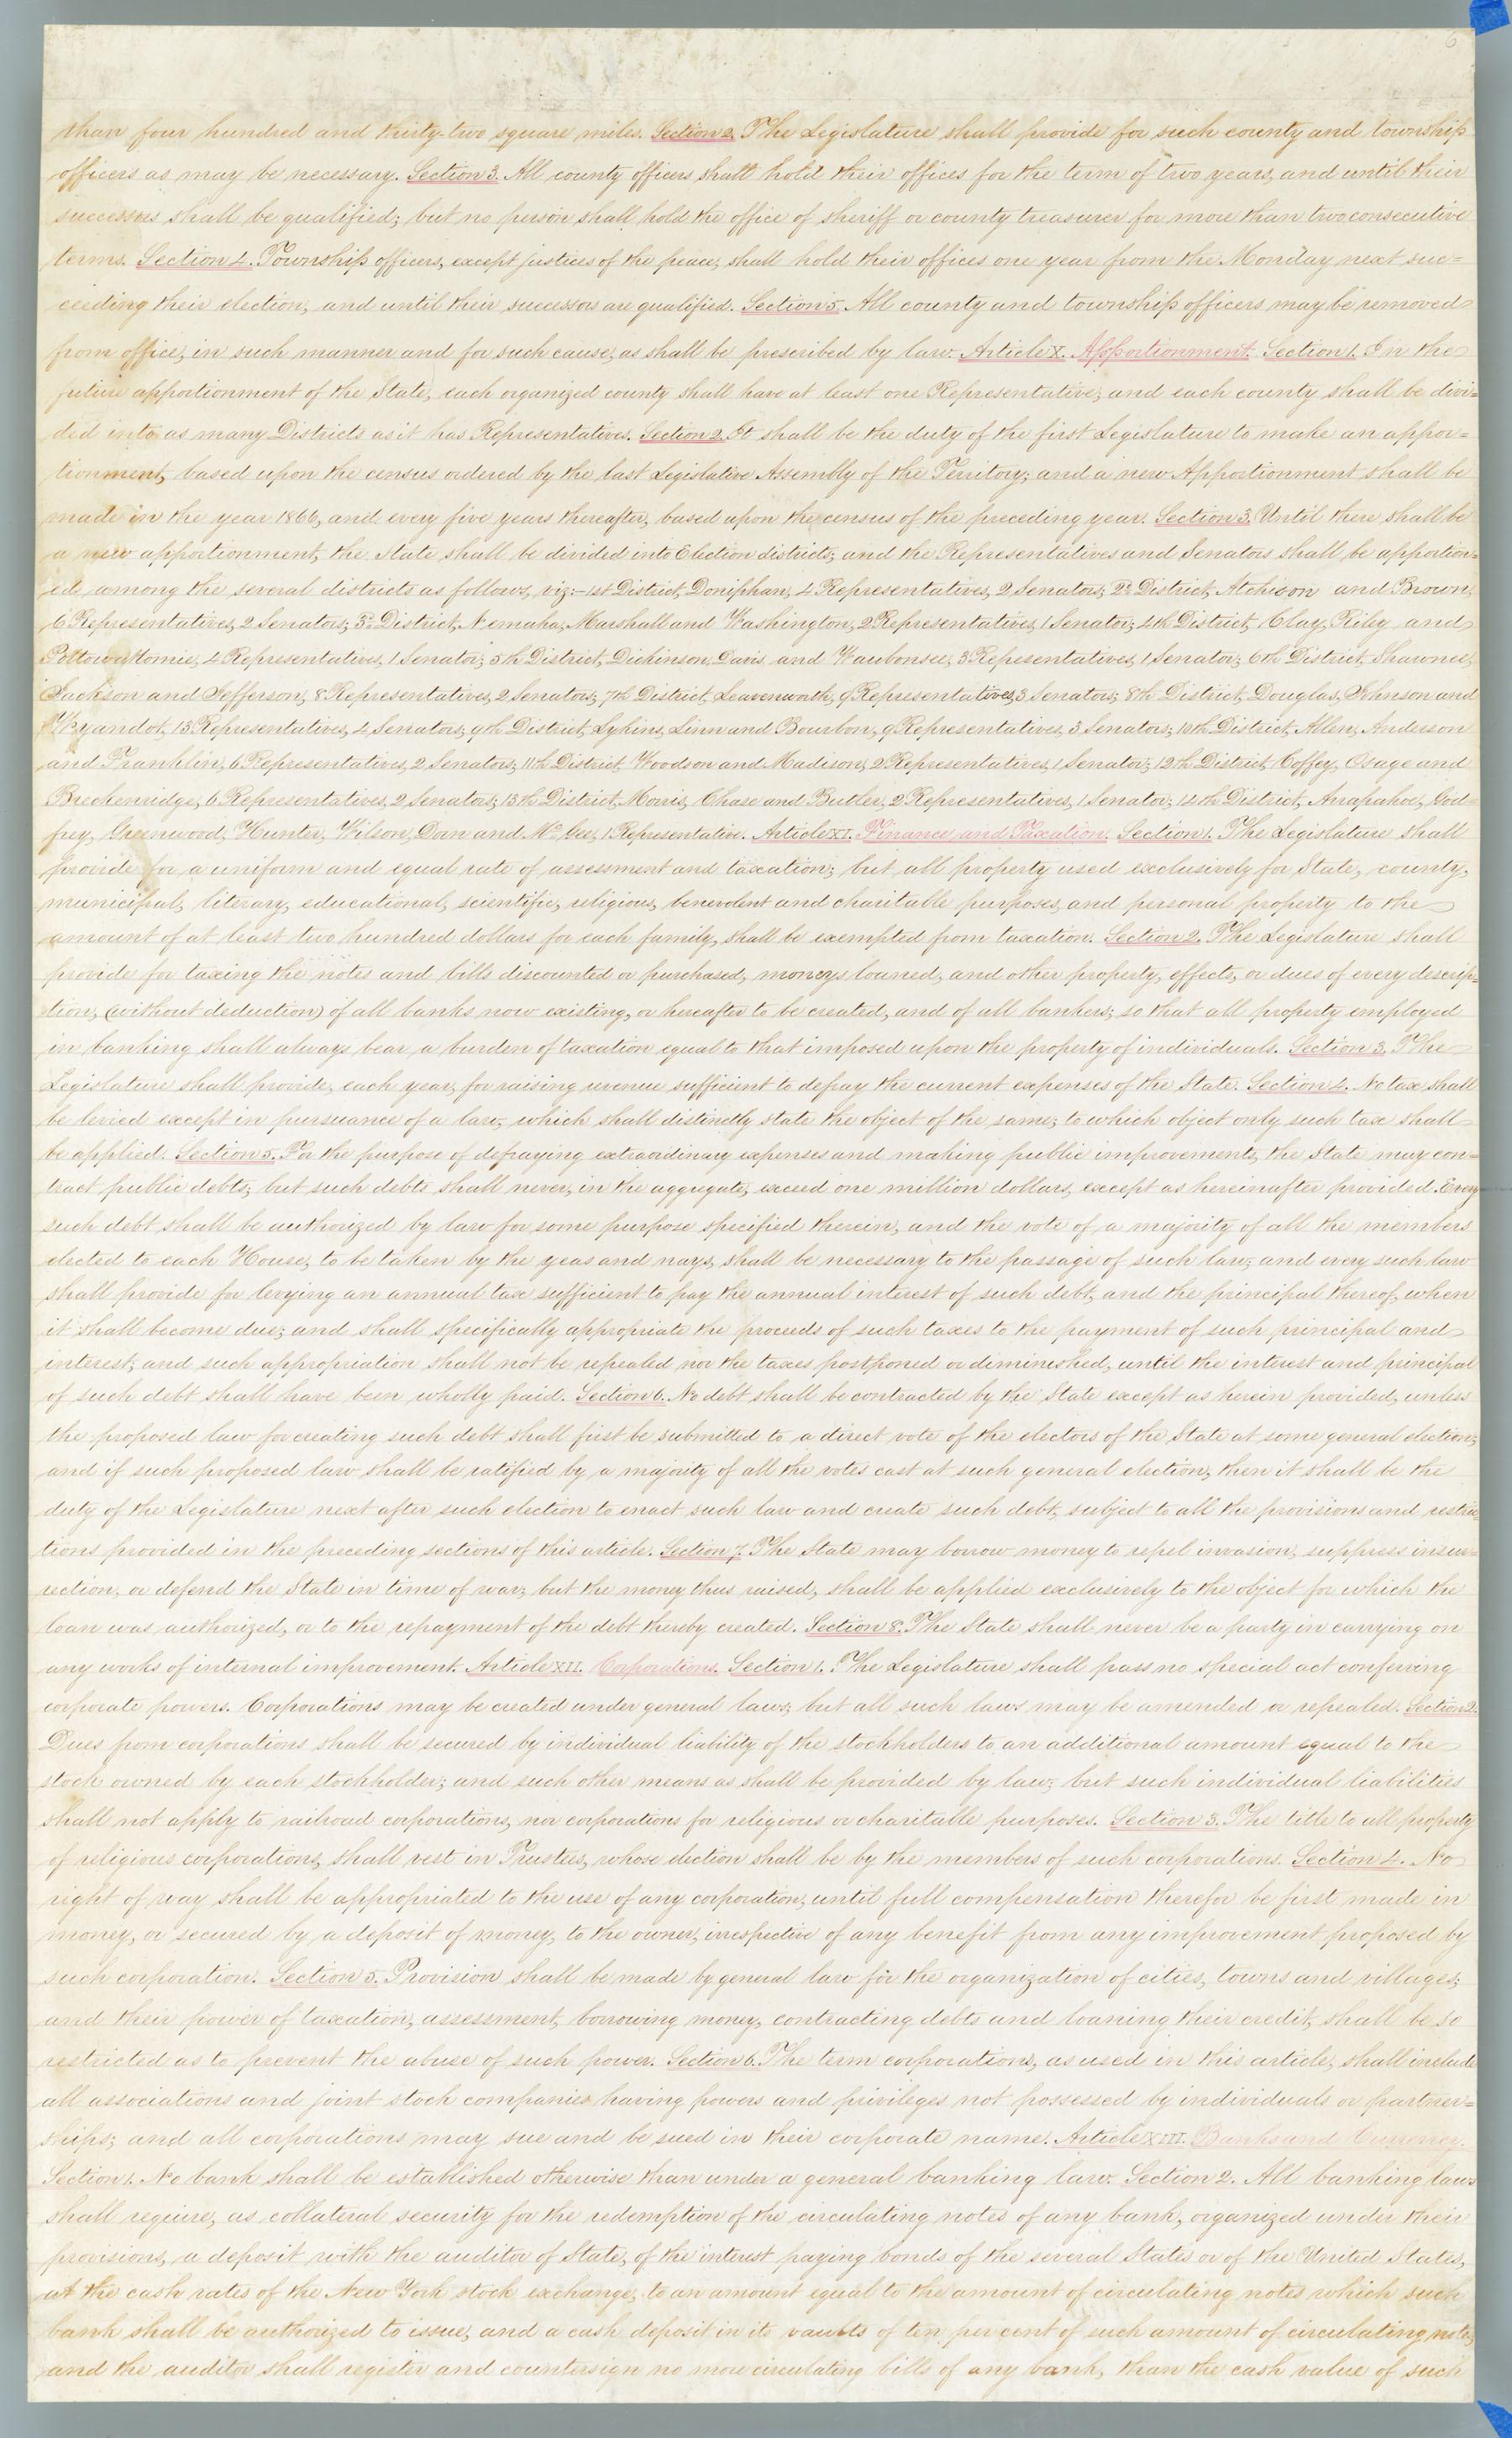 Wyandotte Constitution - 6